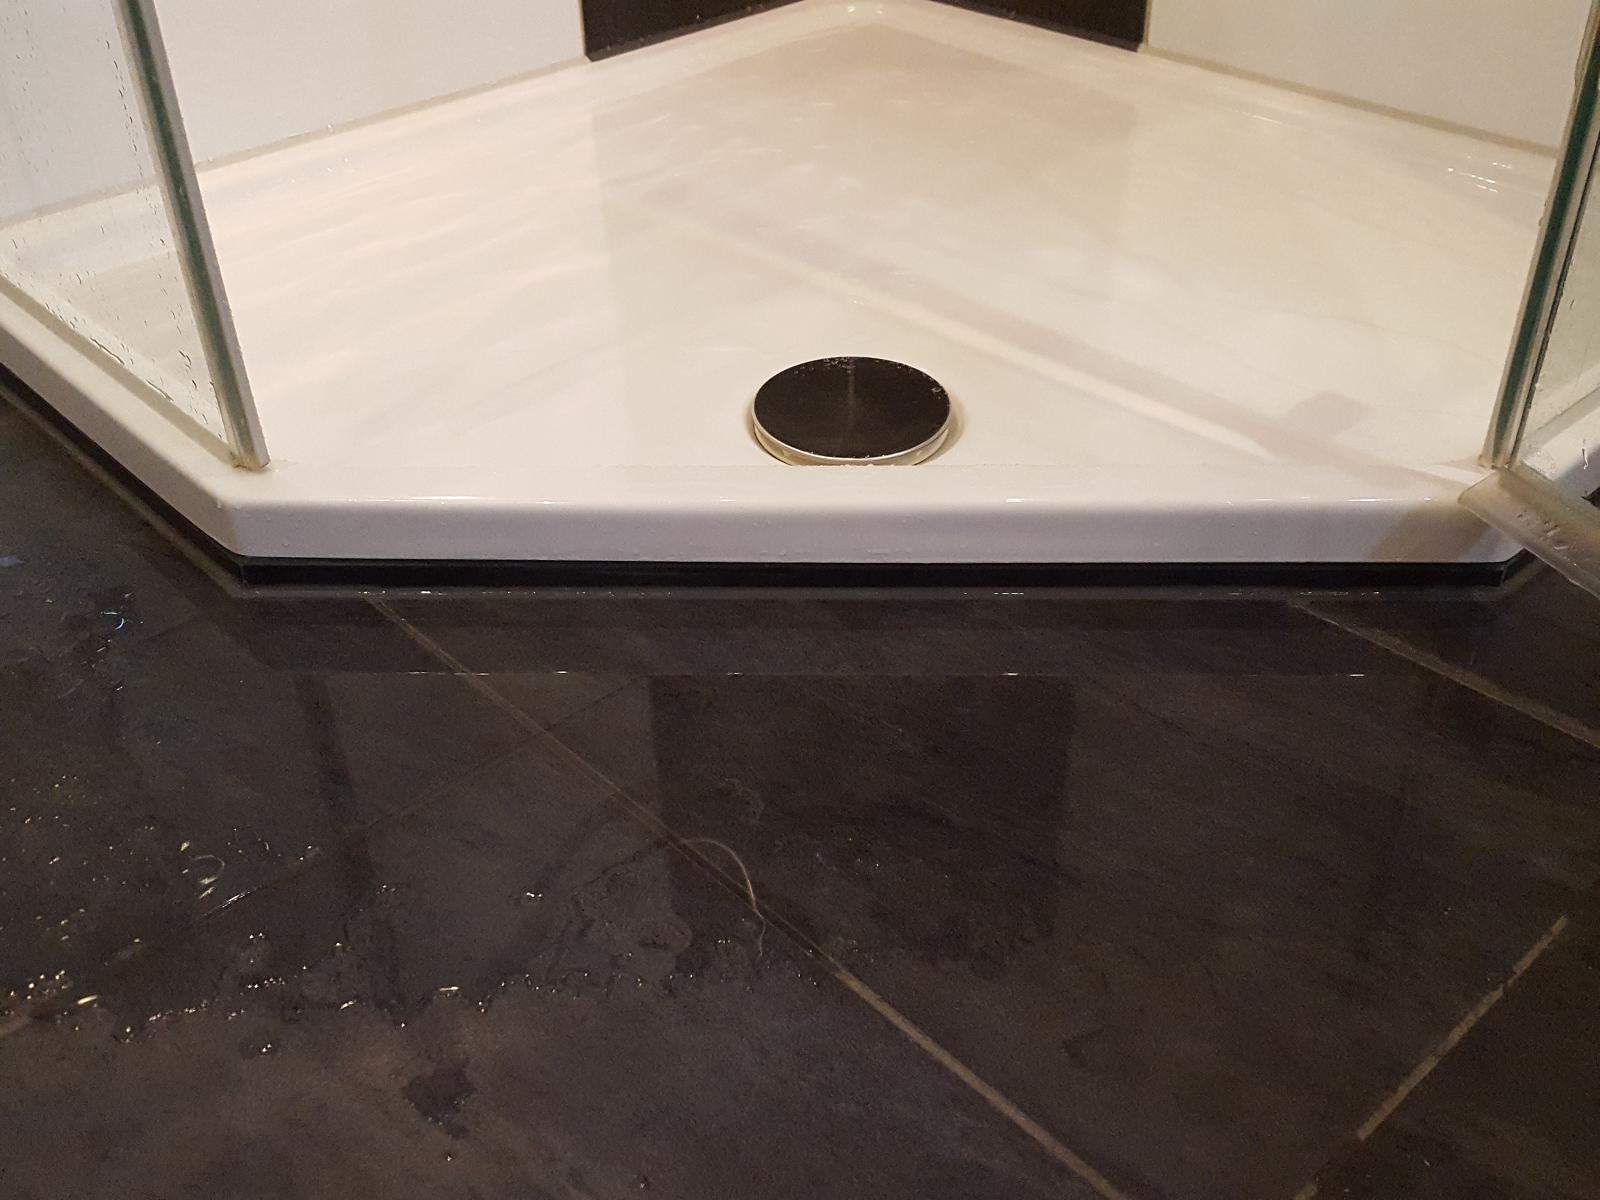 Full Size of Bodengleiche Dusche Nachtrglich Installieren Vorteile Bodengleich Duschen Mischbatterie Grohe Unterputz Armatur Glastrennwand Badewanne Mit Tür Und Kaufen Dusche Bodengleiche Dusche